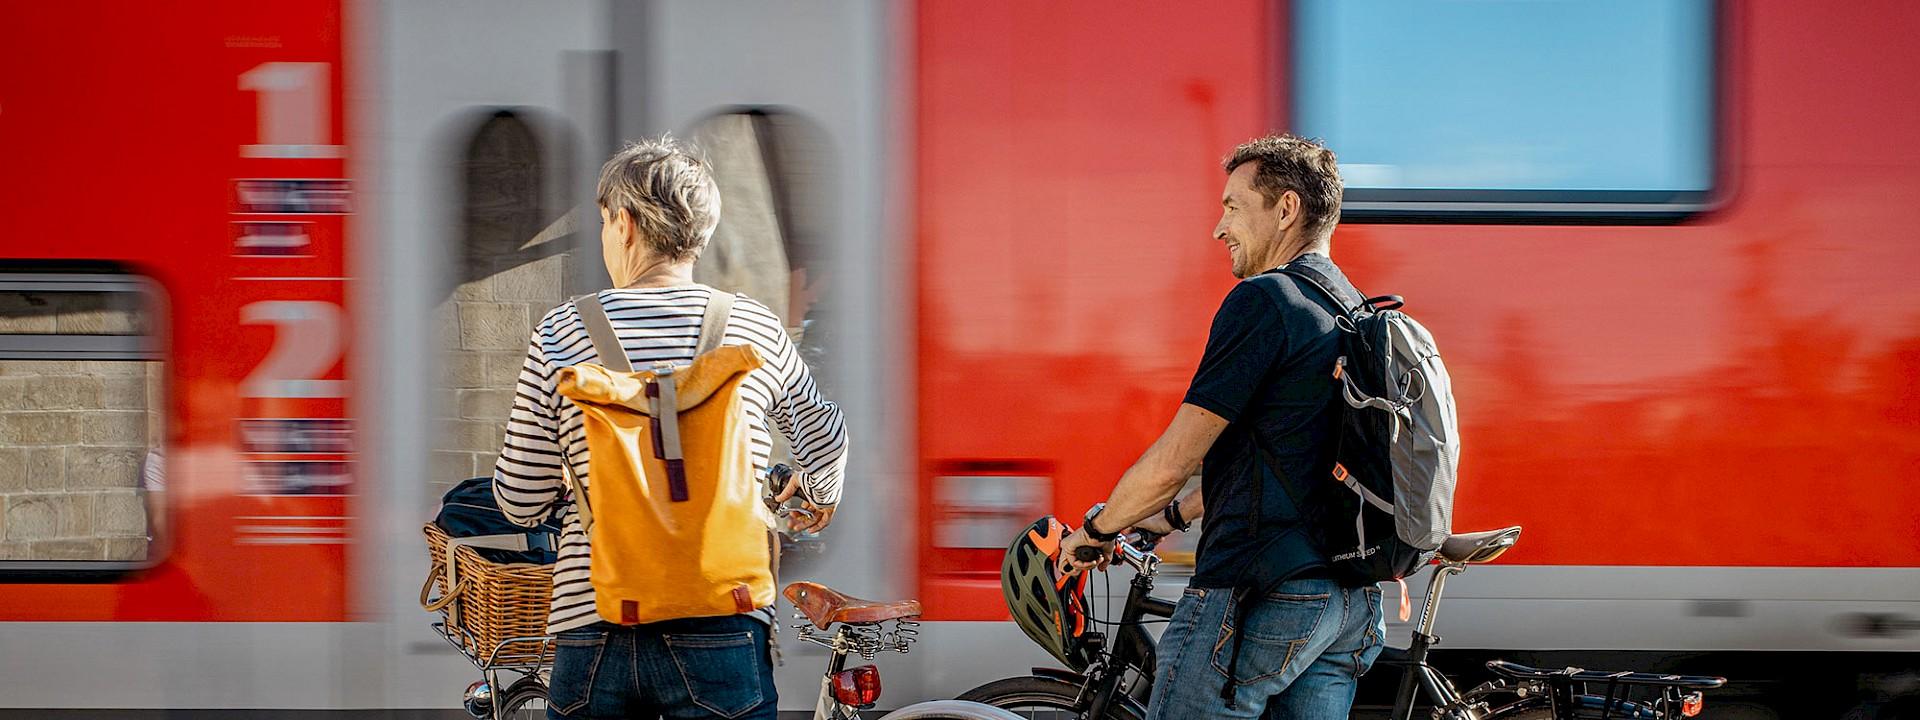 Mit Bus, Bahn, Rad und Auto Mobil durchs Münsterland